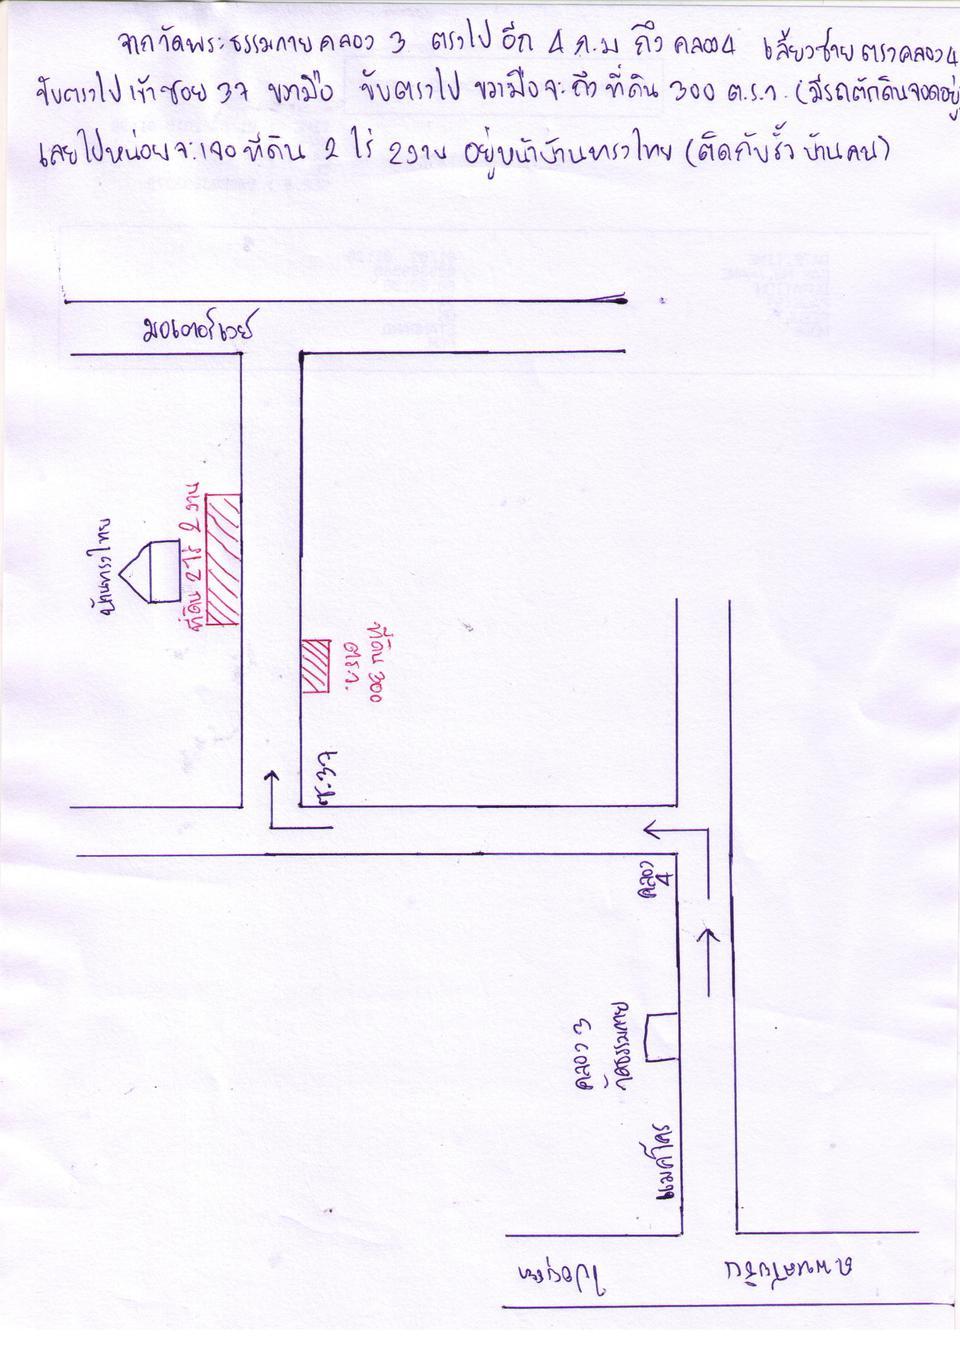 ขายที่ดิน 3 แปลงติดกัน รวม 2 ไร่ 2 งาน   ต.คลองสี่  อ.คลองหลวง จ.ปทุมธานี  รูปที่ 2